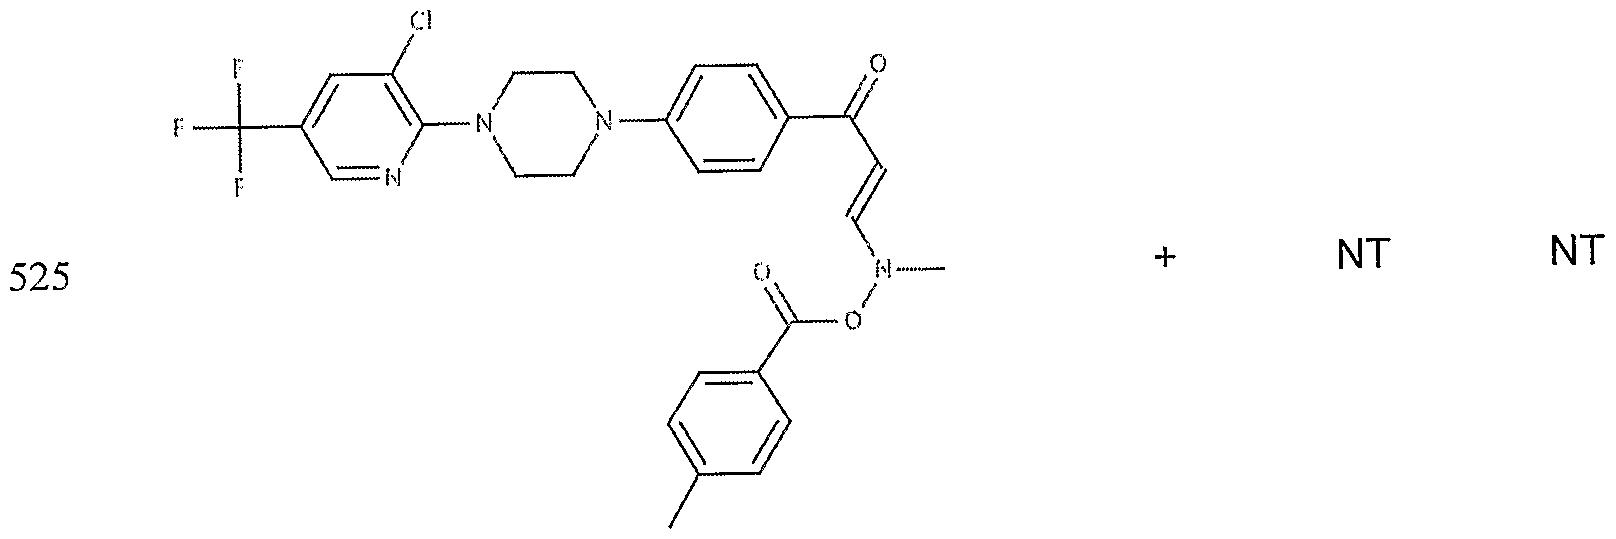 Figure imgf000205_0003